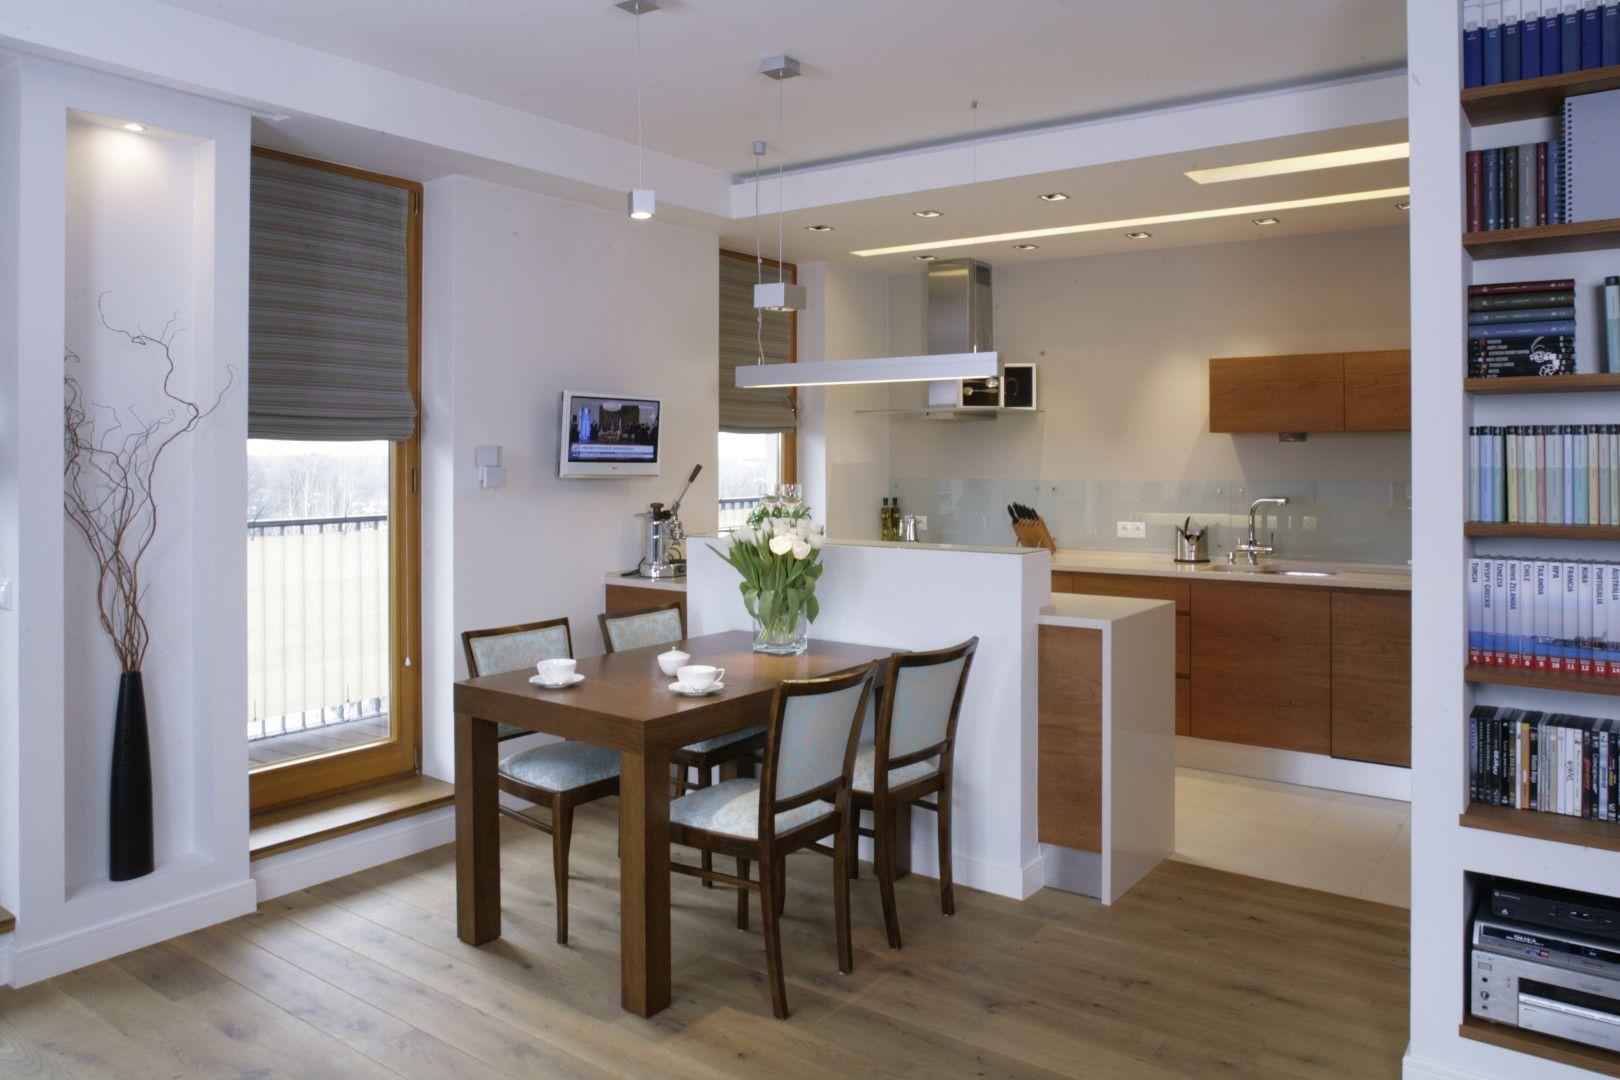 Kuchnia Otwarta Na Jadalnie Oba Pomieszczenia Podzielono Niewielkim Polwyspem Ktory Zapewnia Takze Dodatkowe Miejsce Na Przyg Home New Homes Kitchen Cabinets